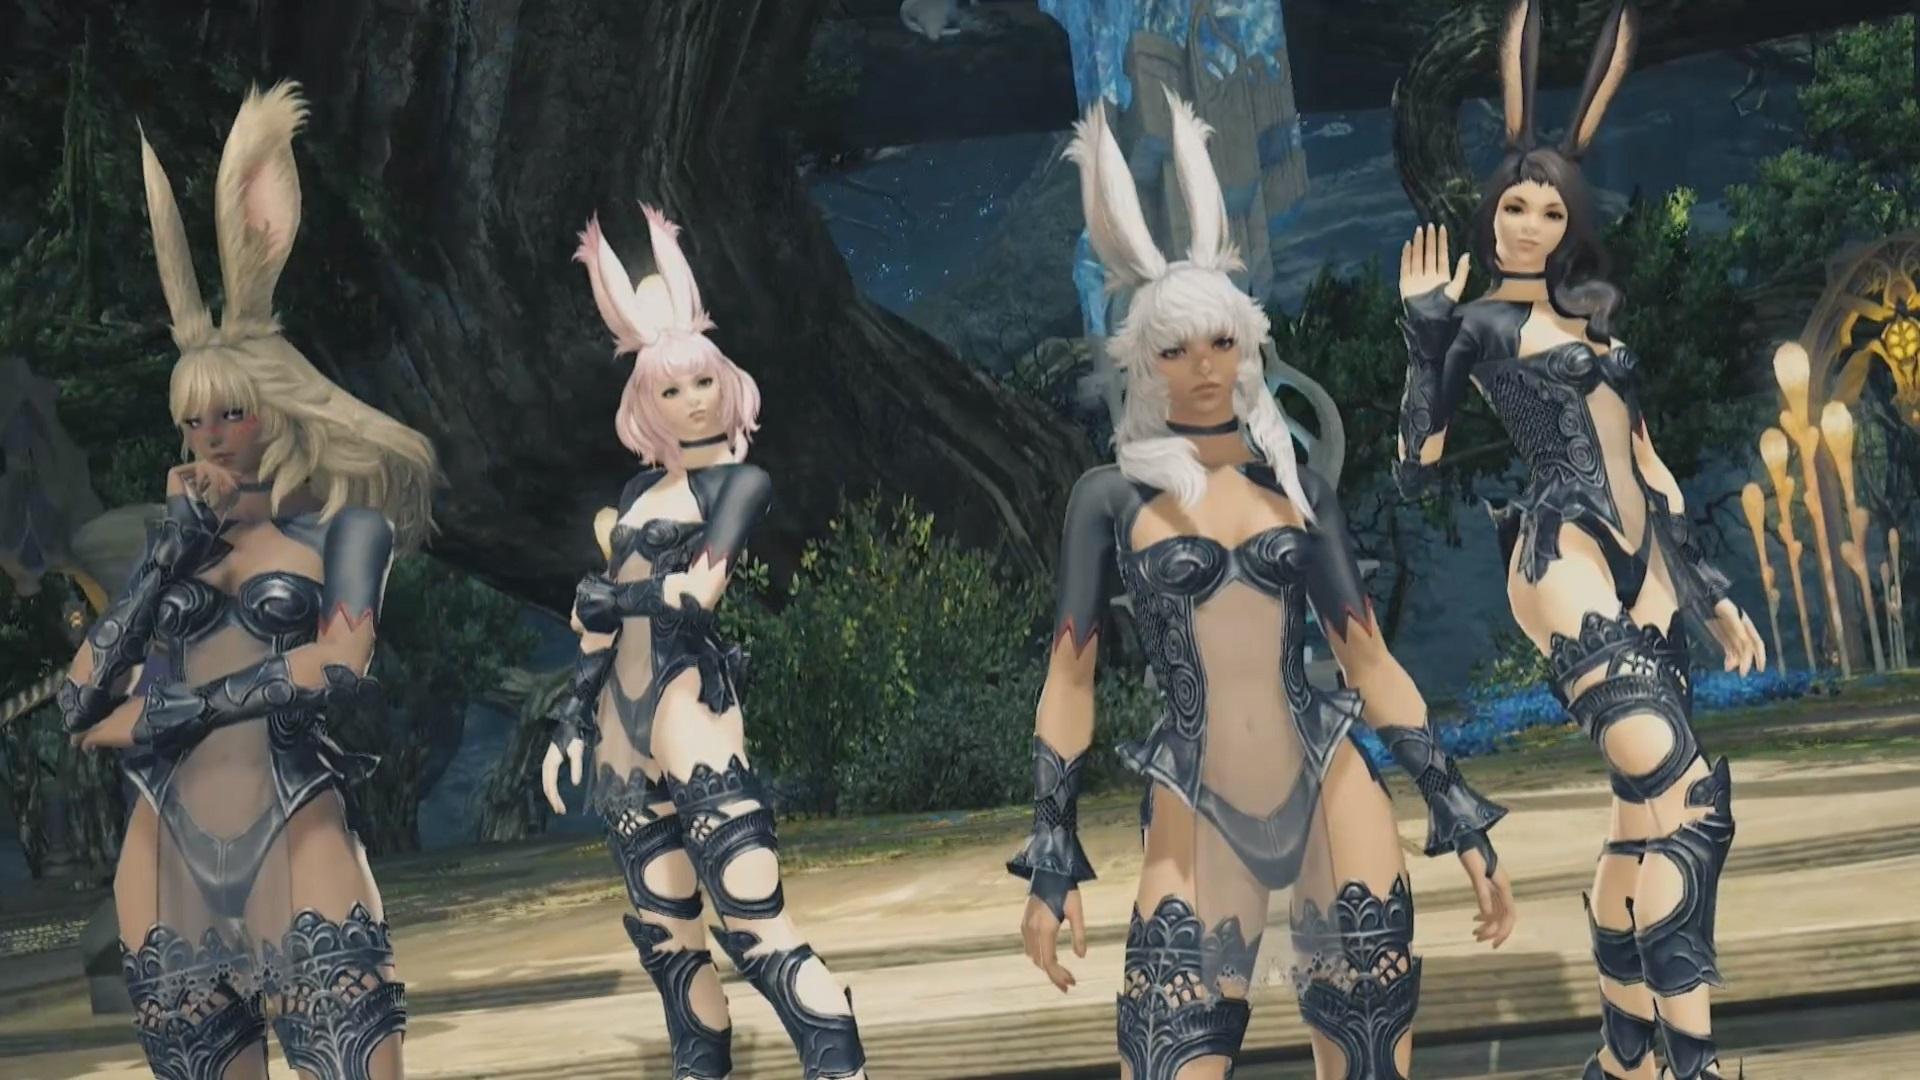 Final Fantasy 14 Viera